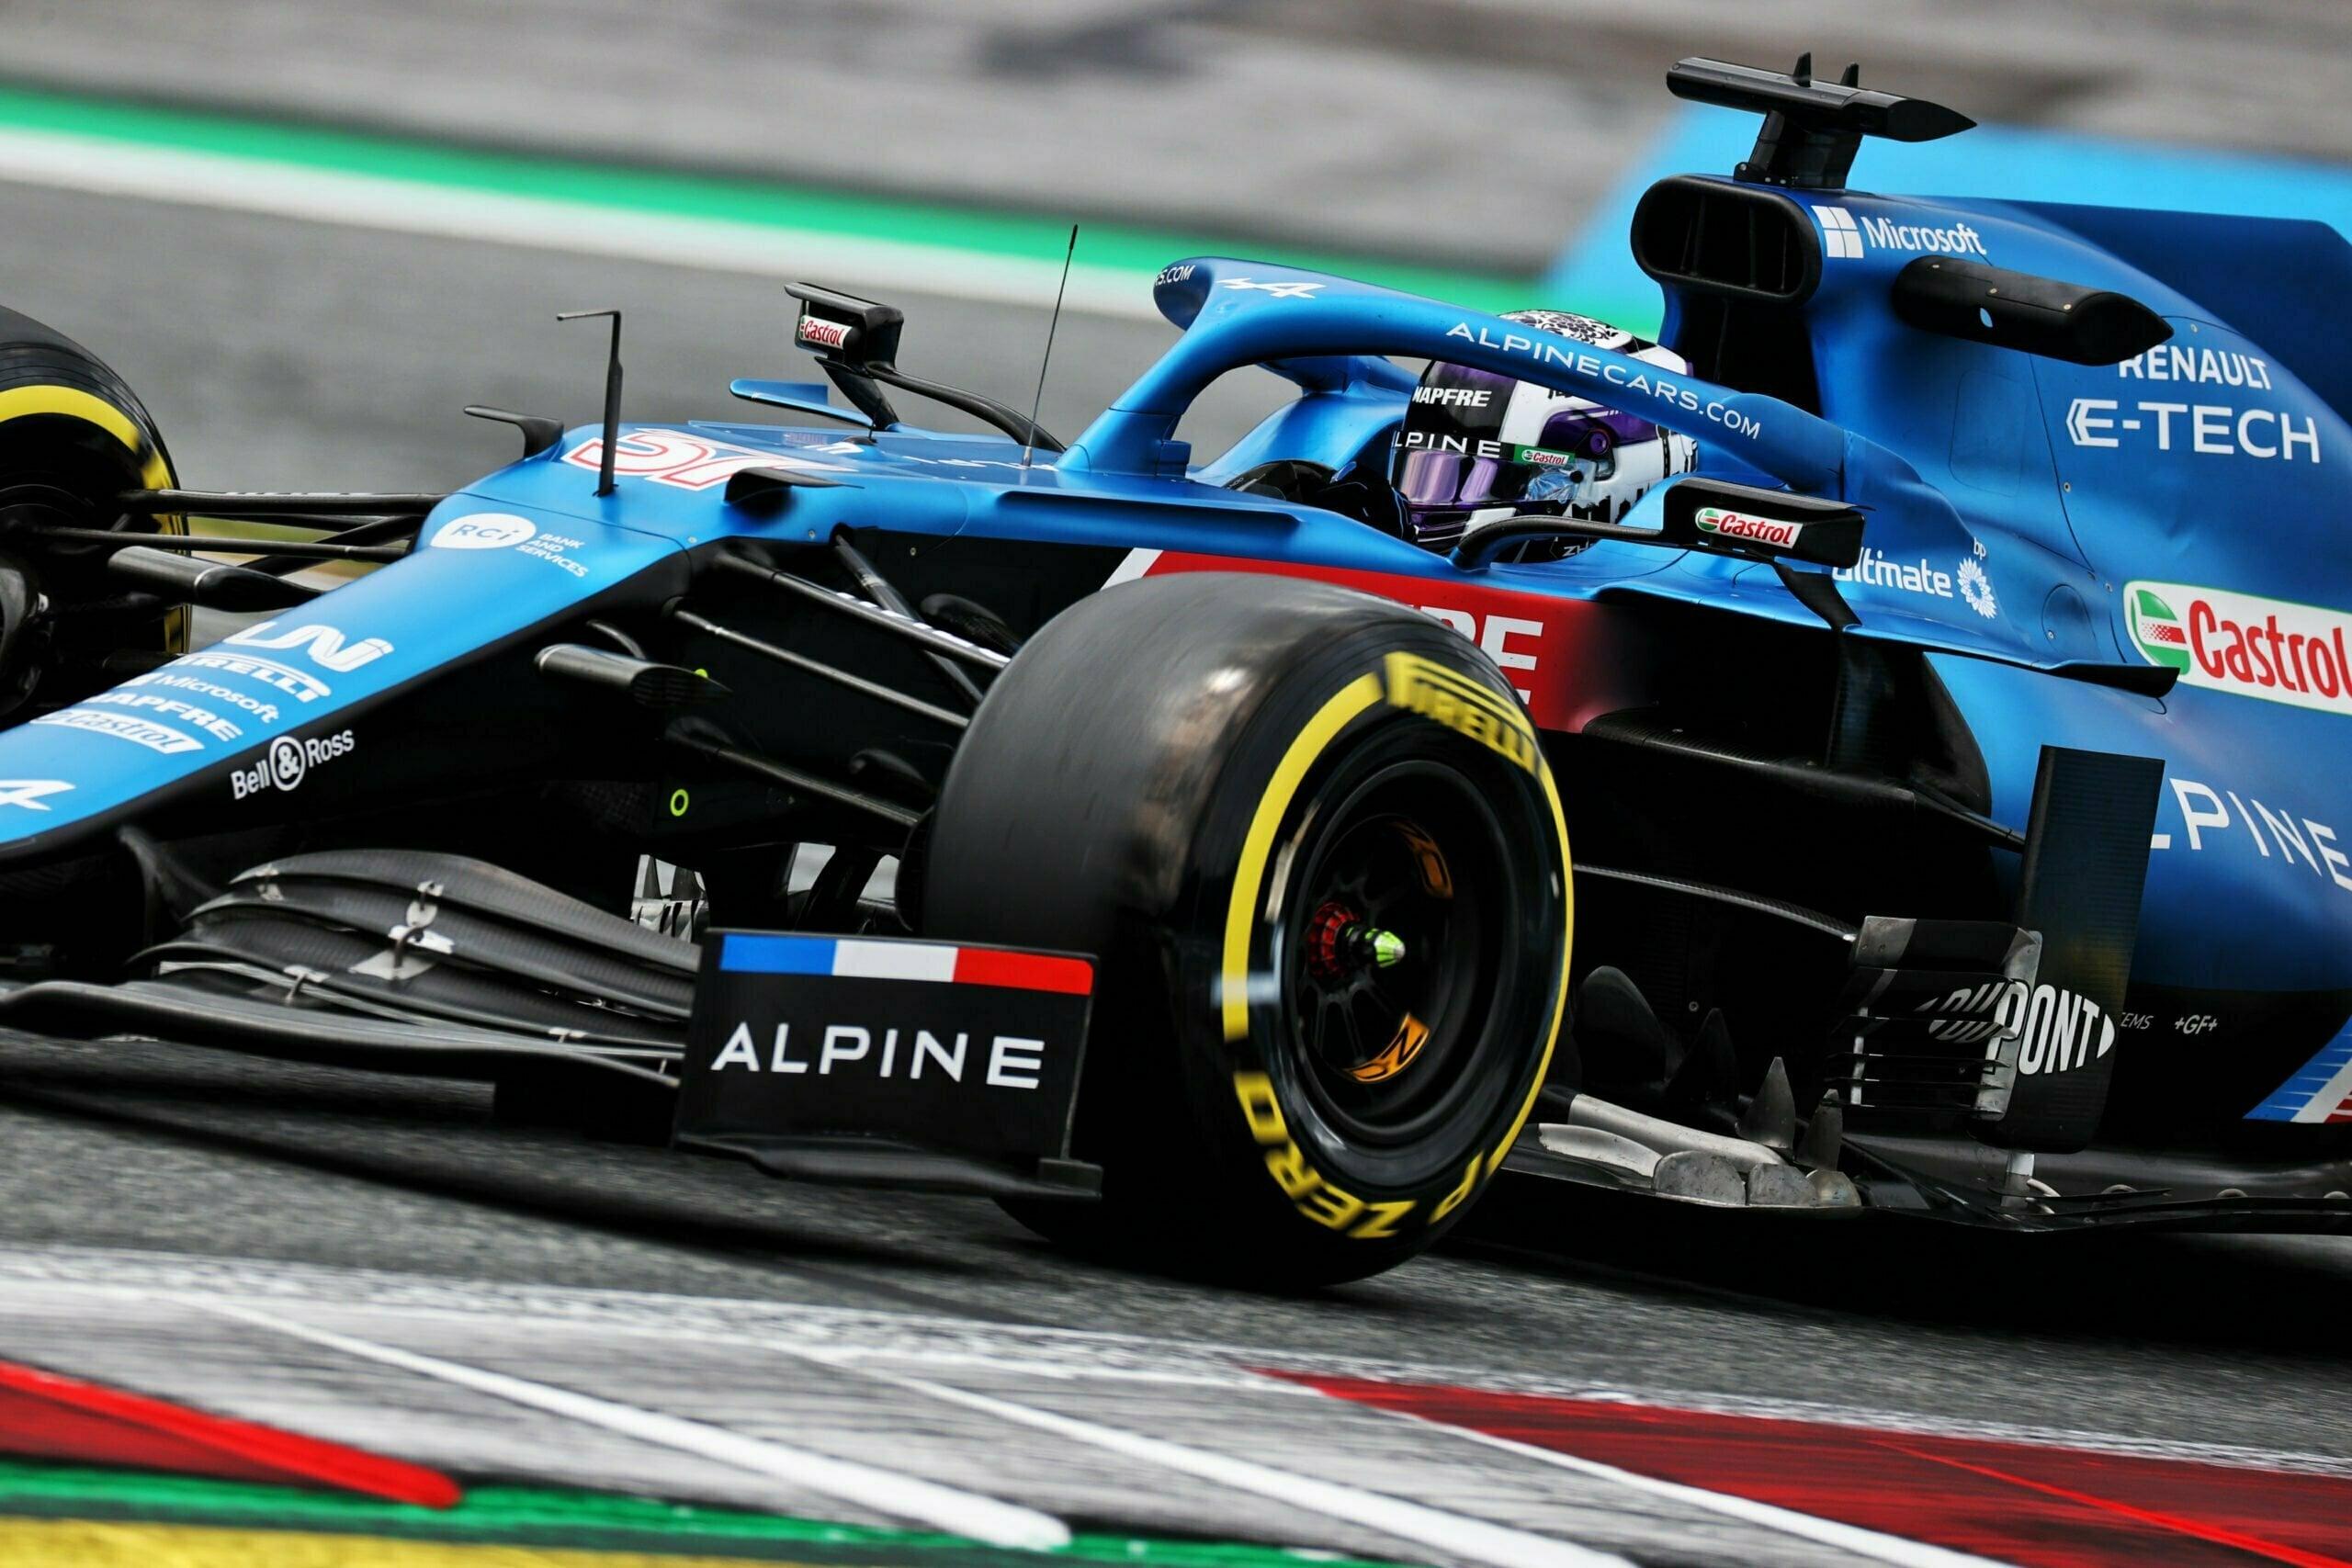 Alpine F1 Alonso Ocon A521 GP Autriche Spielberg 2021 19 scaled | Alpine F1 : Alonso rapporte un point au Grand-Prix d'Autriche